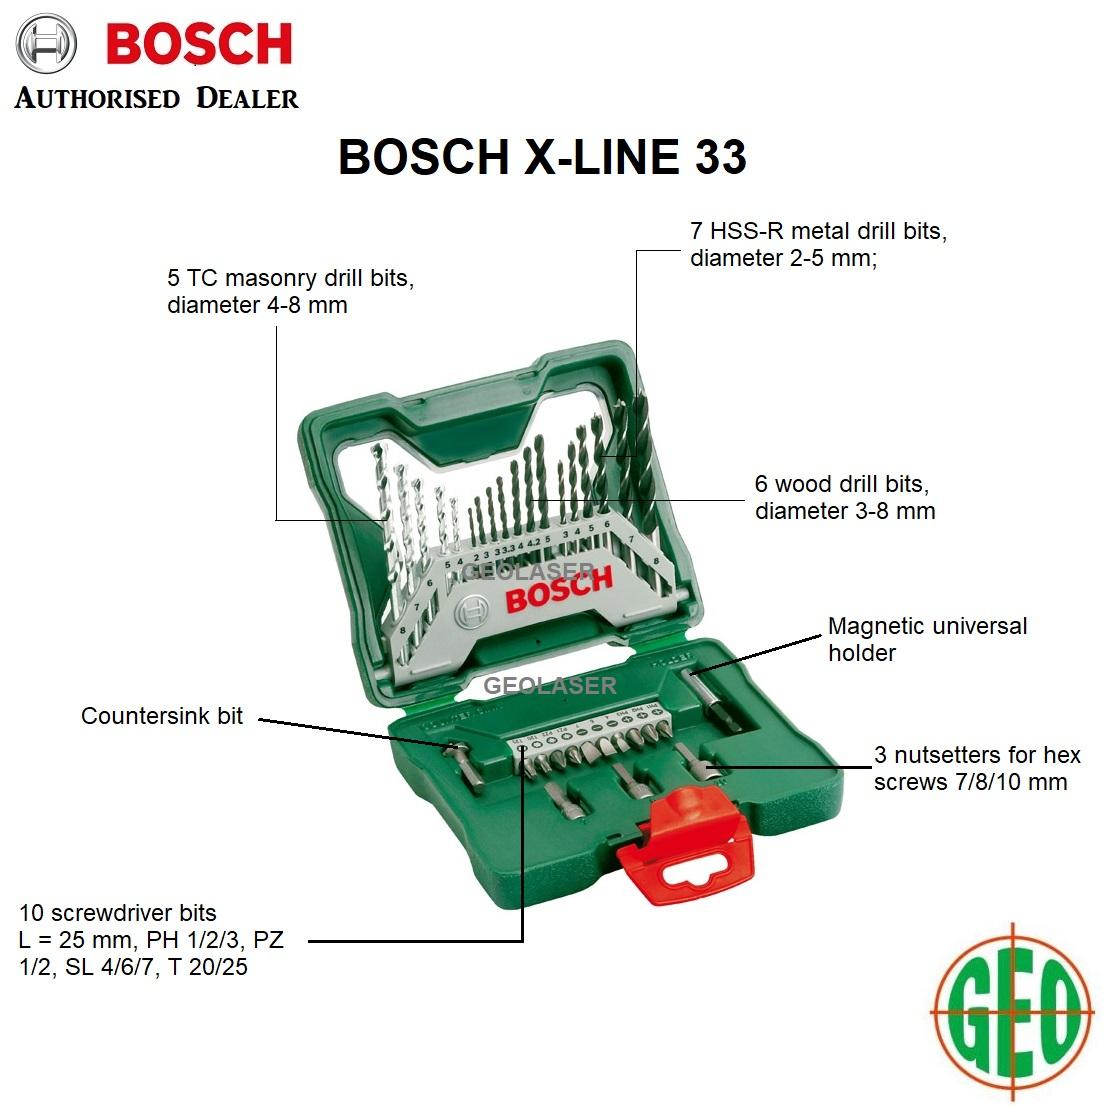 Beroemd BOSCH 33-piece X-Line set NK44